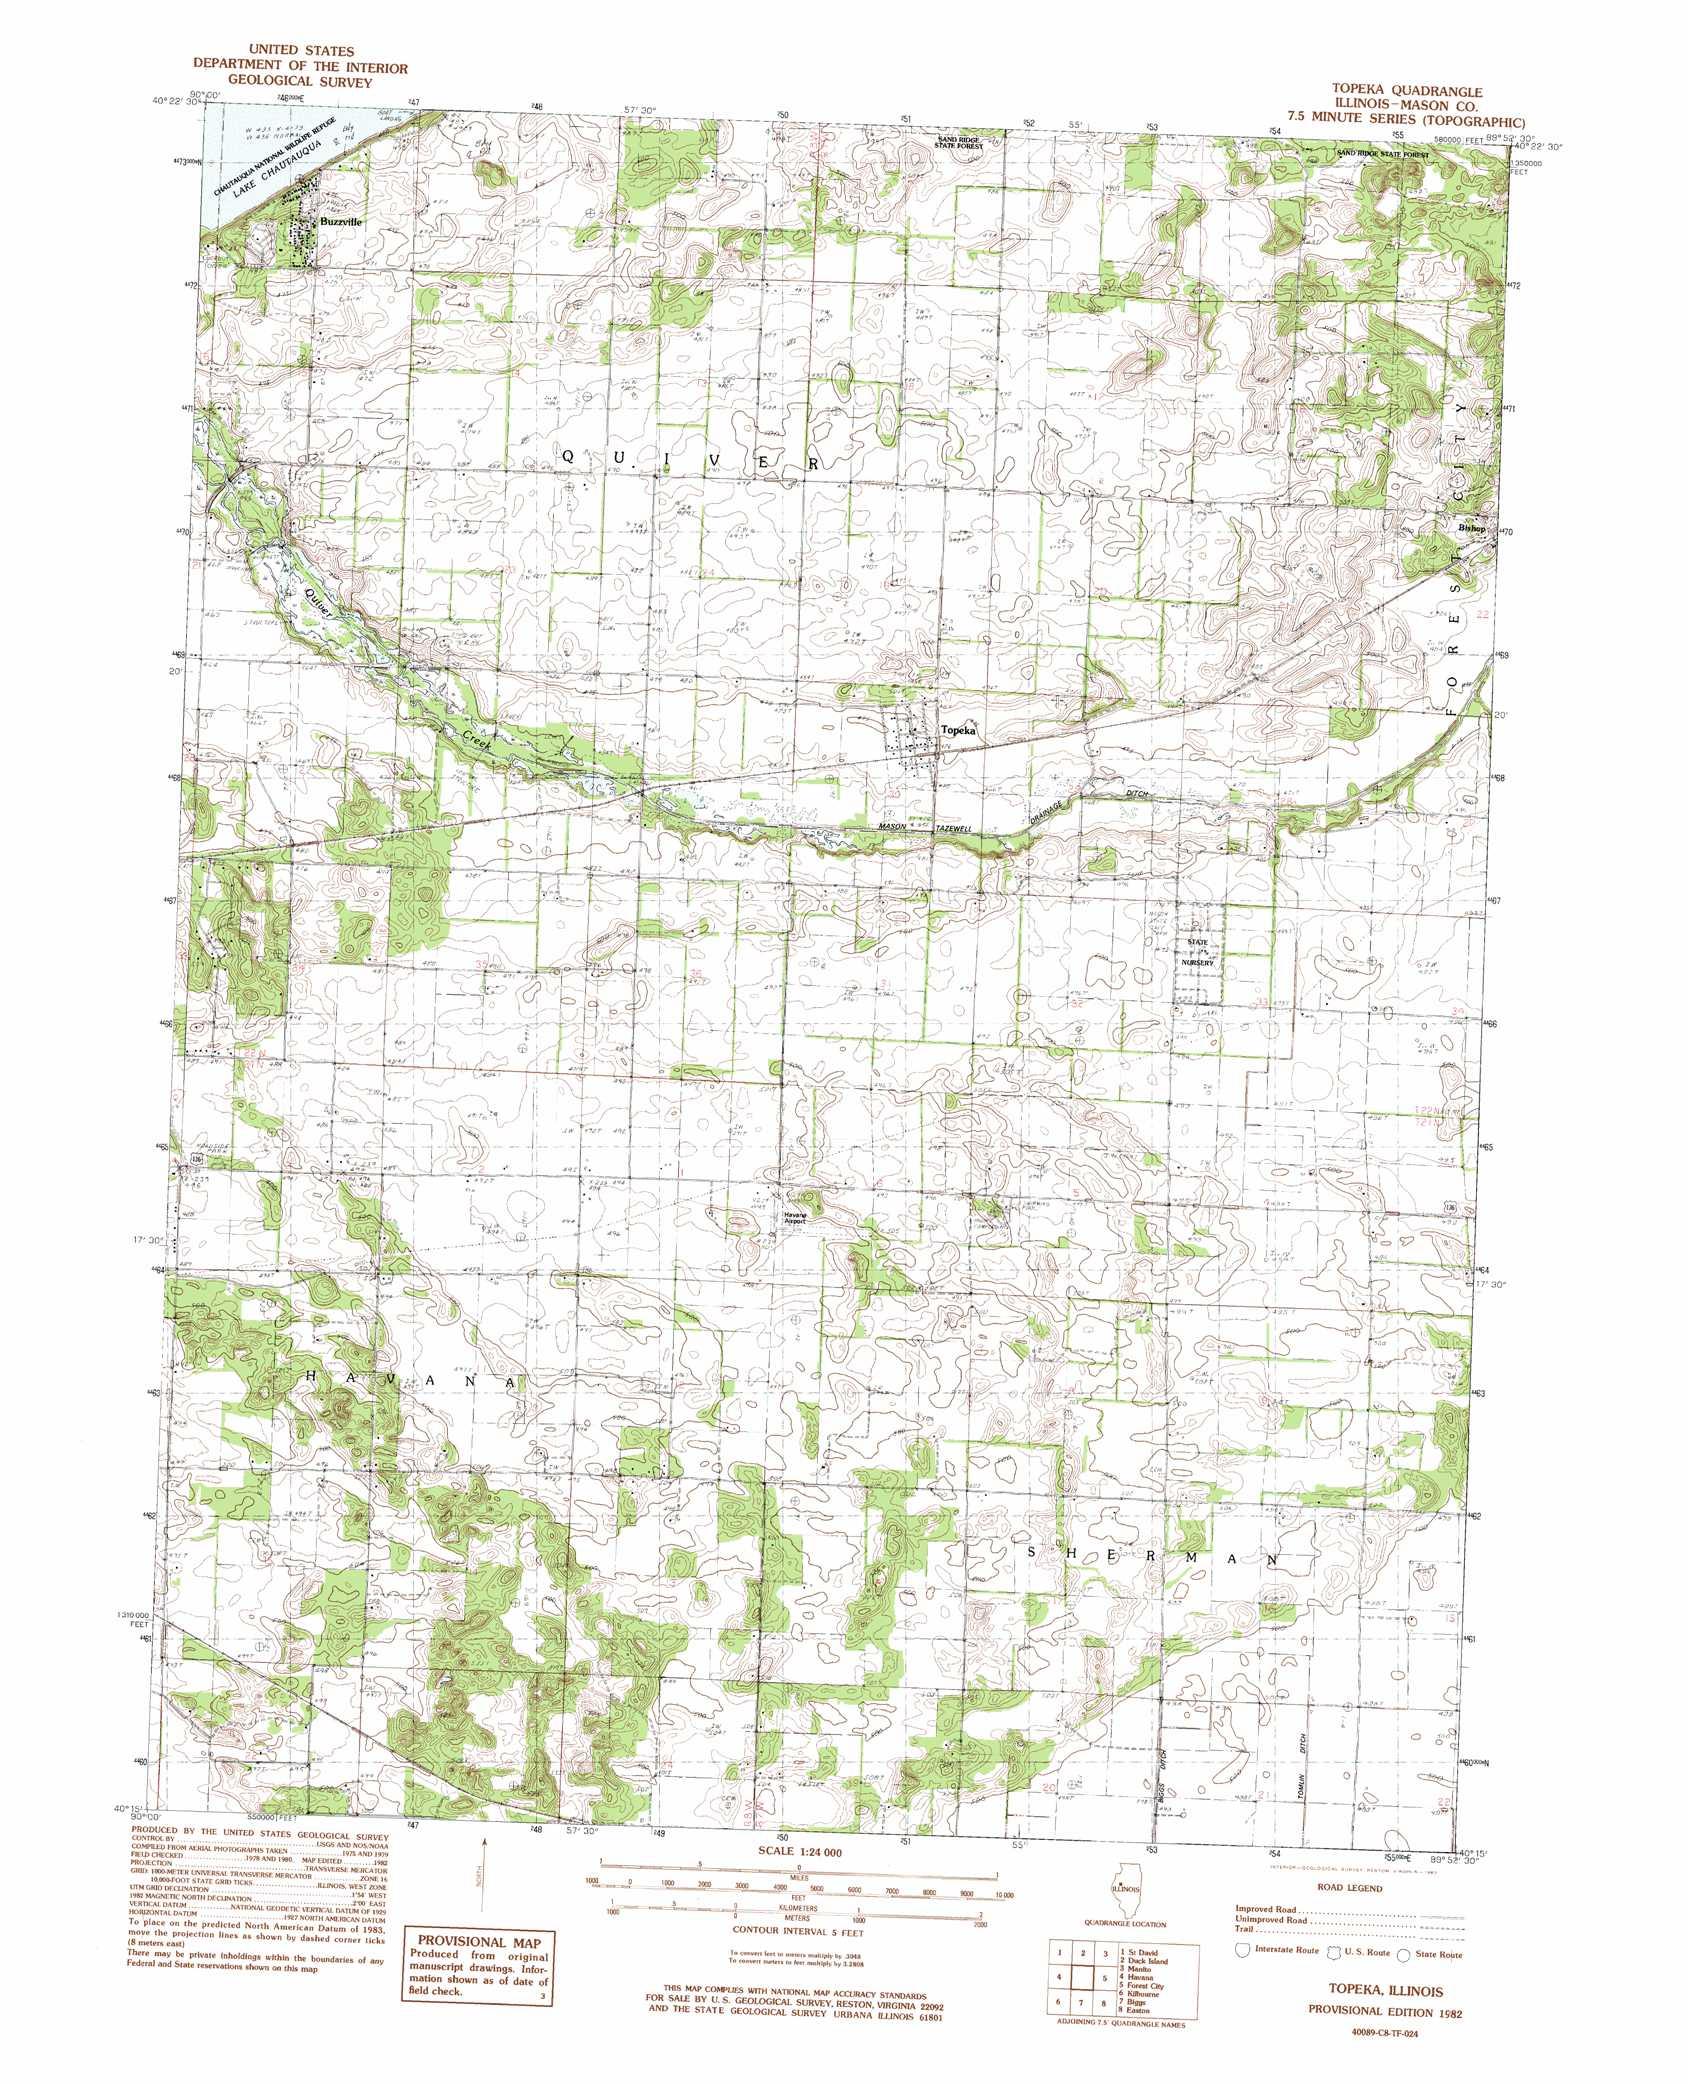 Topeka Topographic Map IL  USGS Topo Quad 40089c8